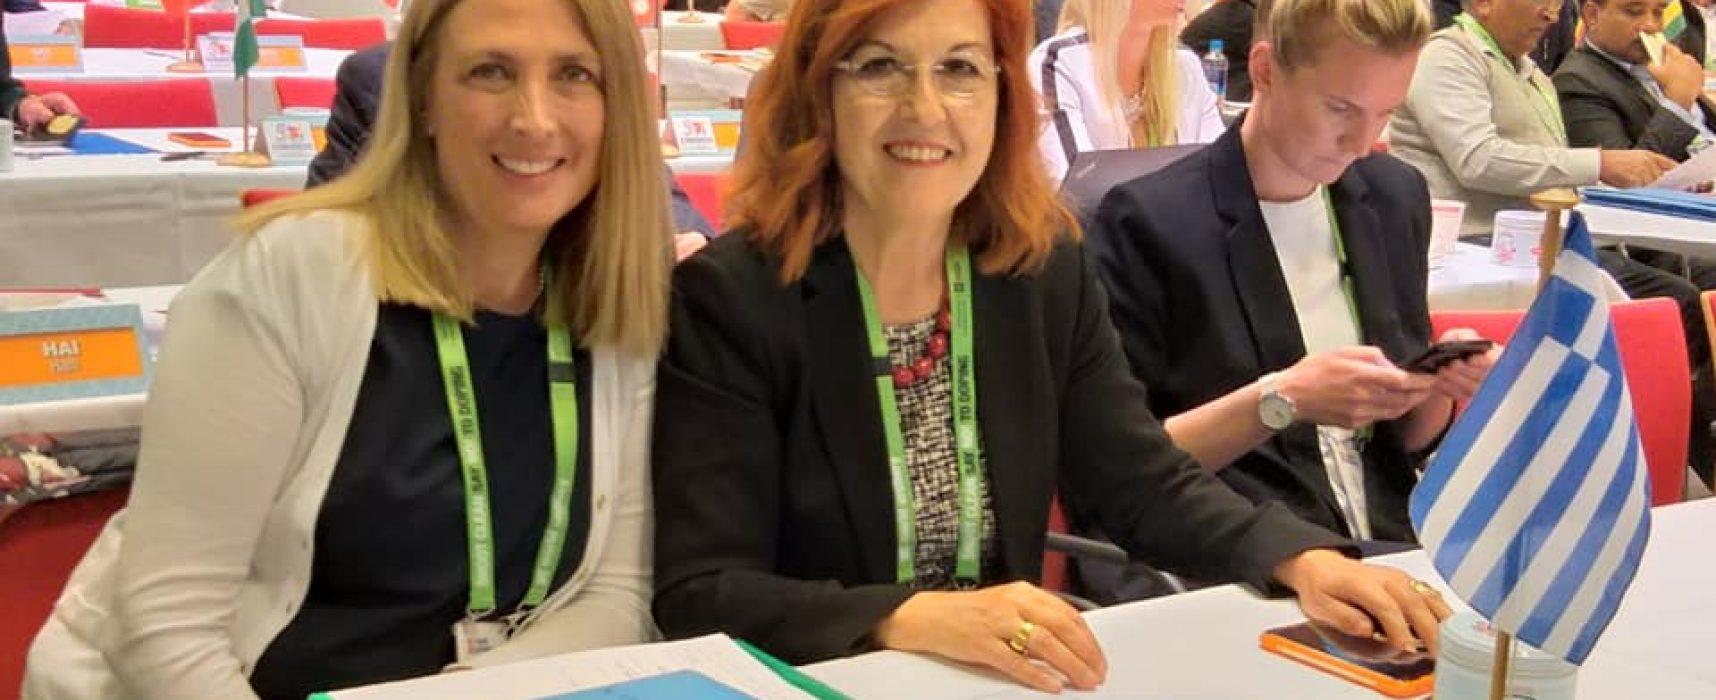 Ελληνική εκπροσώπηση στη Γενική Συνέλευση της Παγκόσμιας Ομοσπονδίας